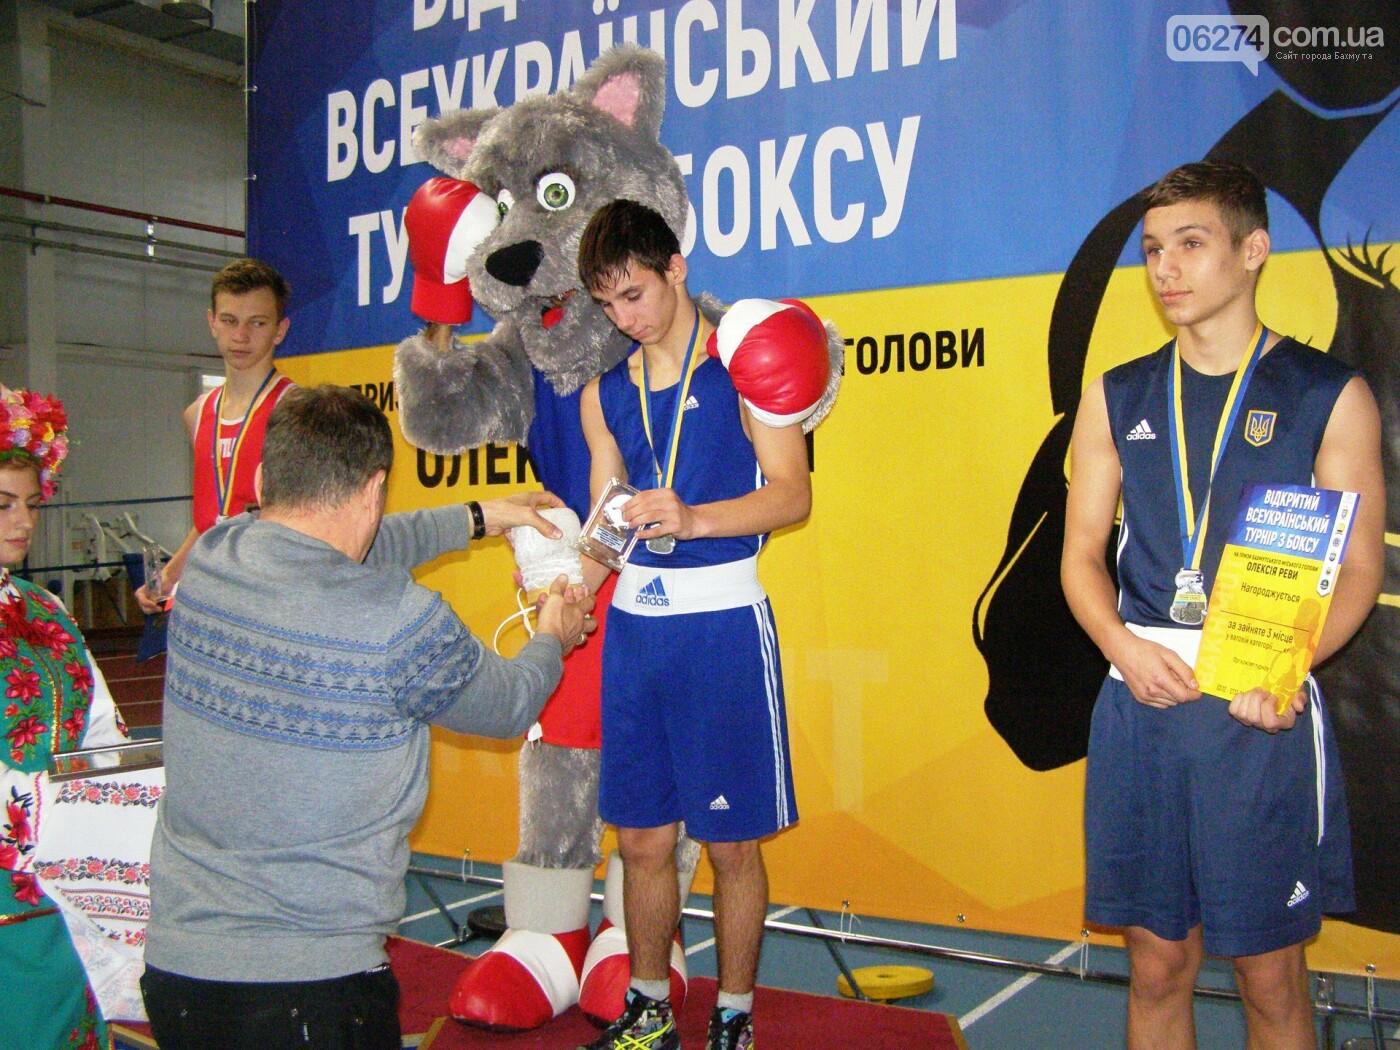 Боксеры Донетчины получили 15 наград всеукраинского турнира среди юниоров в Бахмуте, фото-11